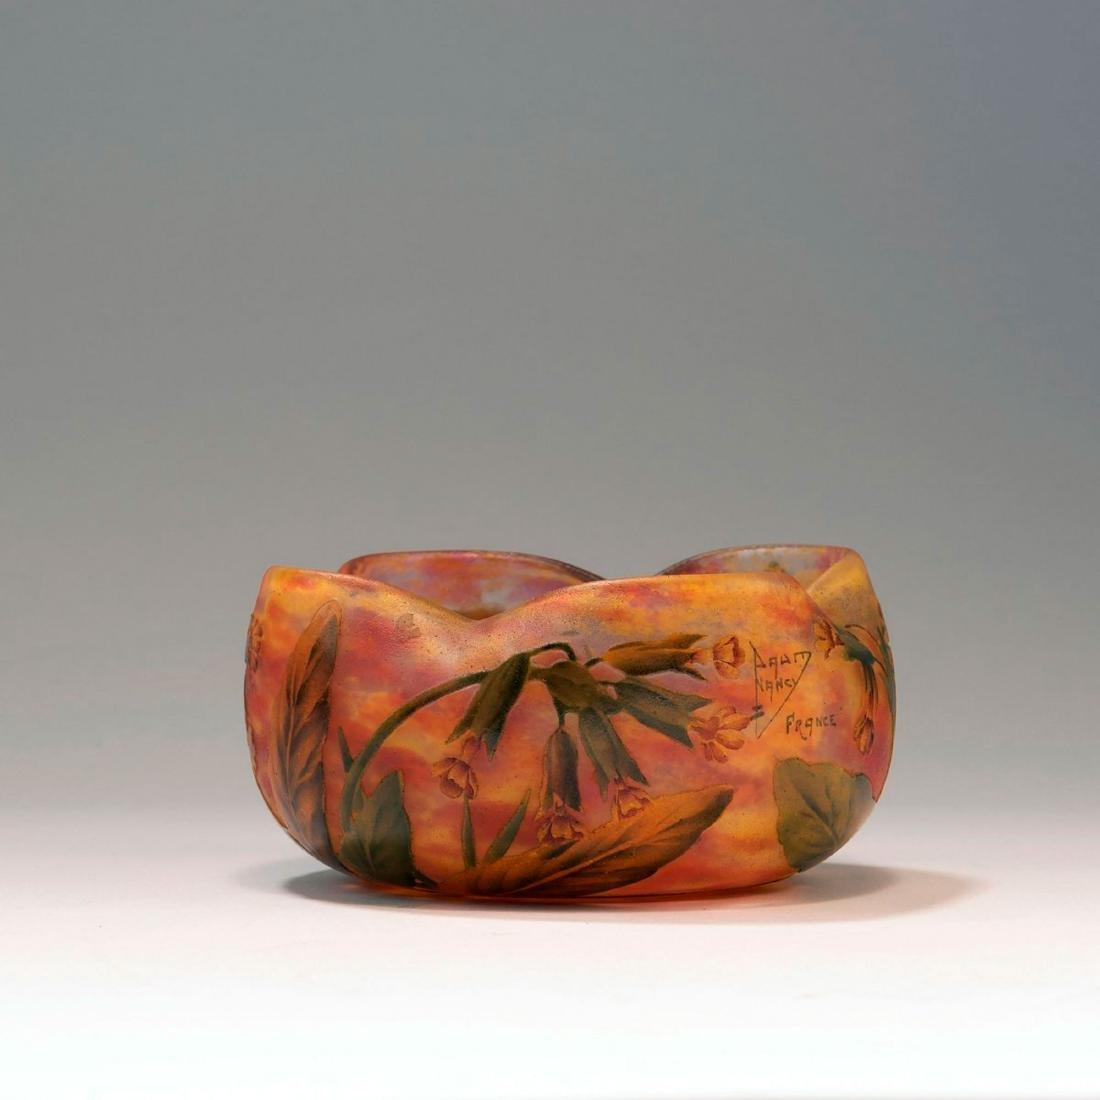 Primevere, fleurs de coucou' bowl, c. 1910 - 2